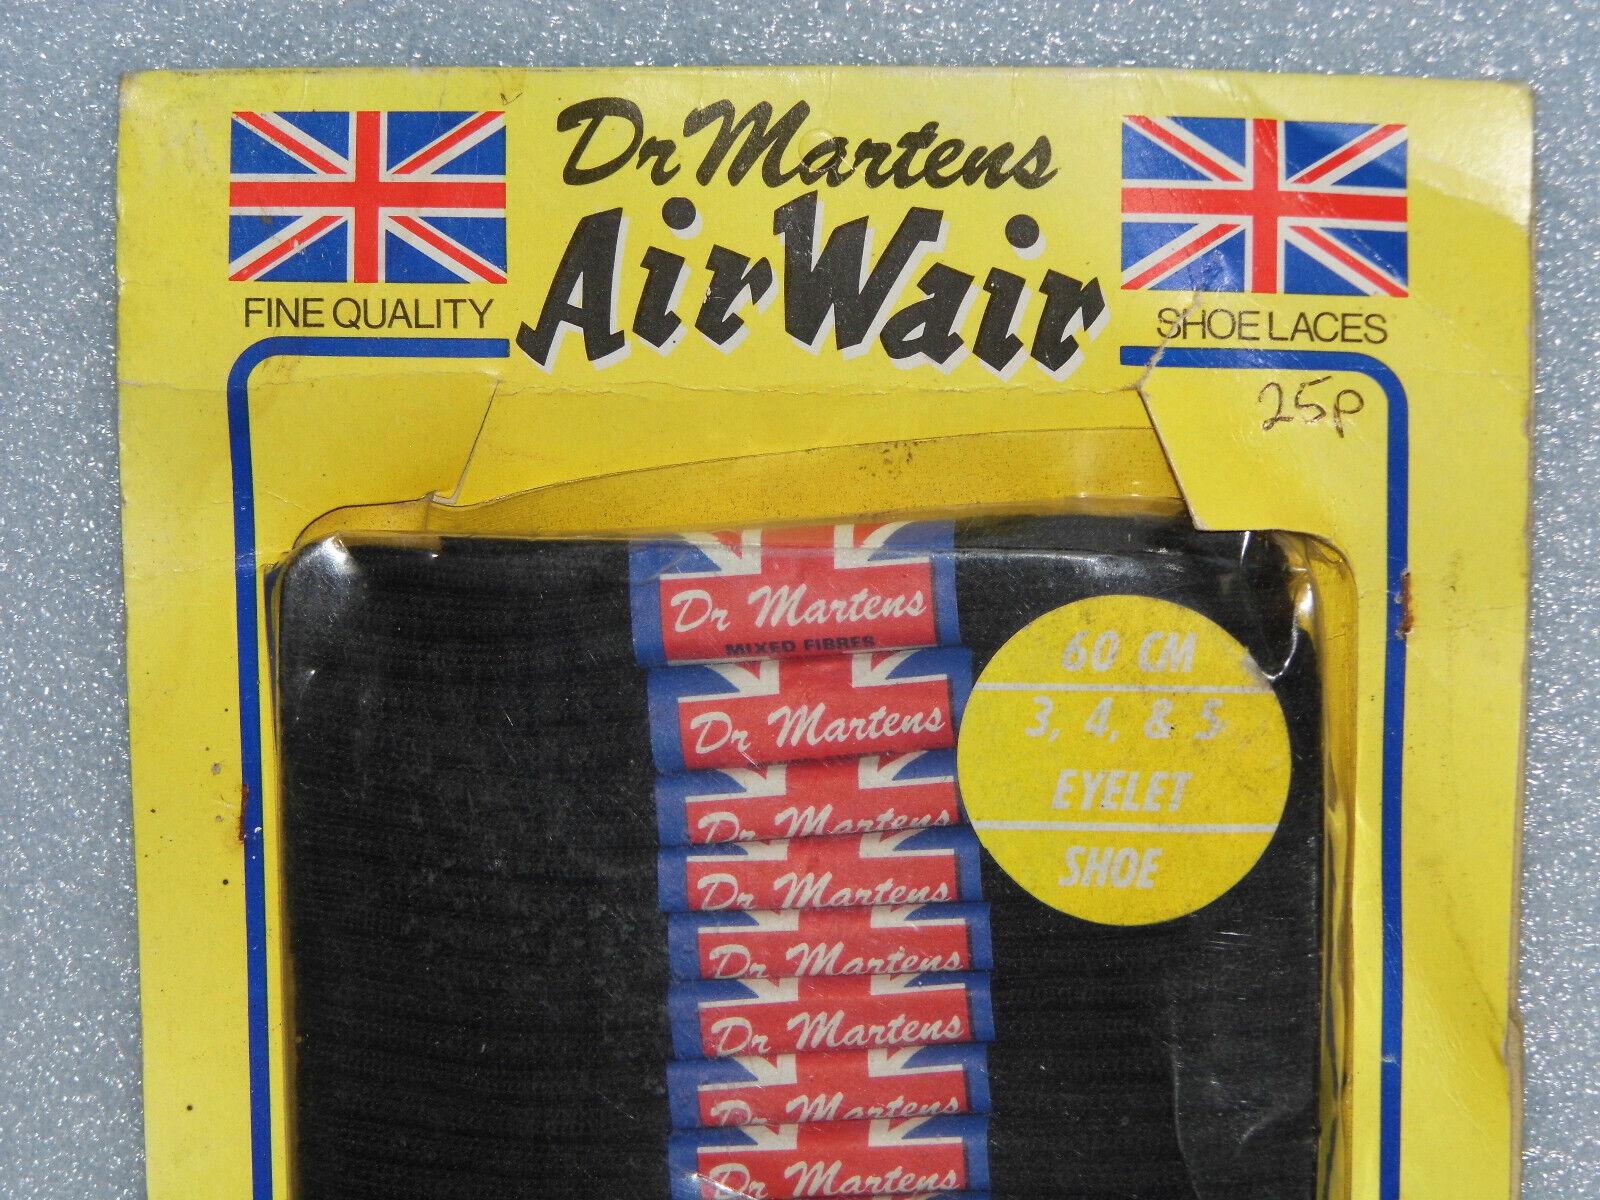 Vintage schwarz Genuine Original Dr Martens Laces New Old Stock 60 cm 3 - 5 eyelet